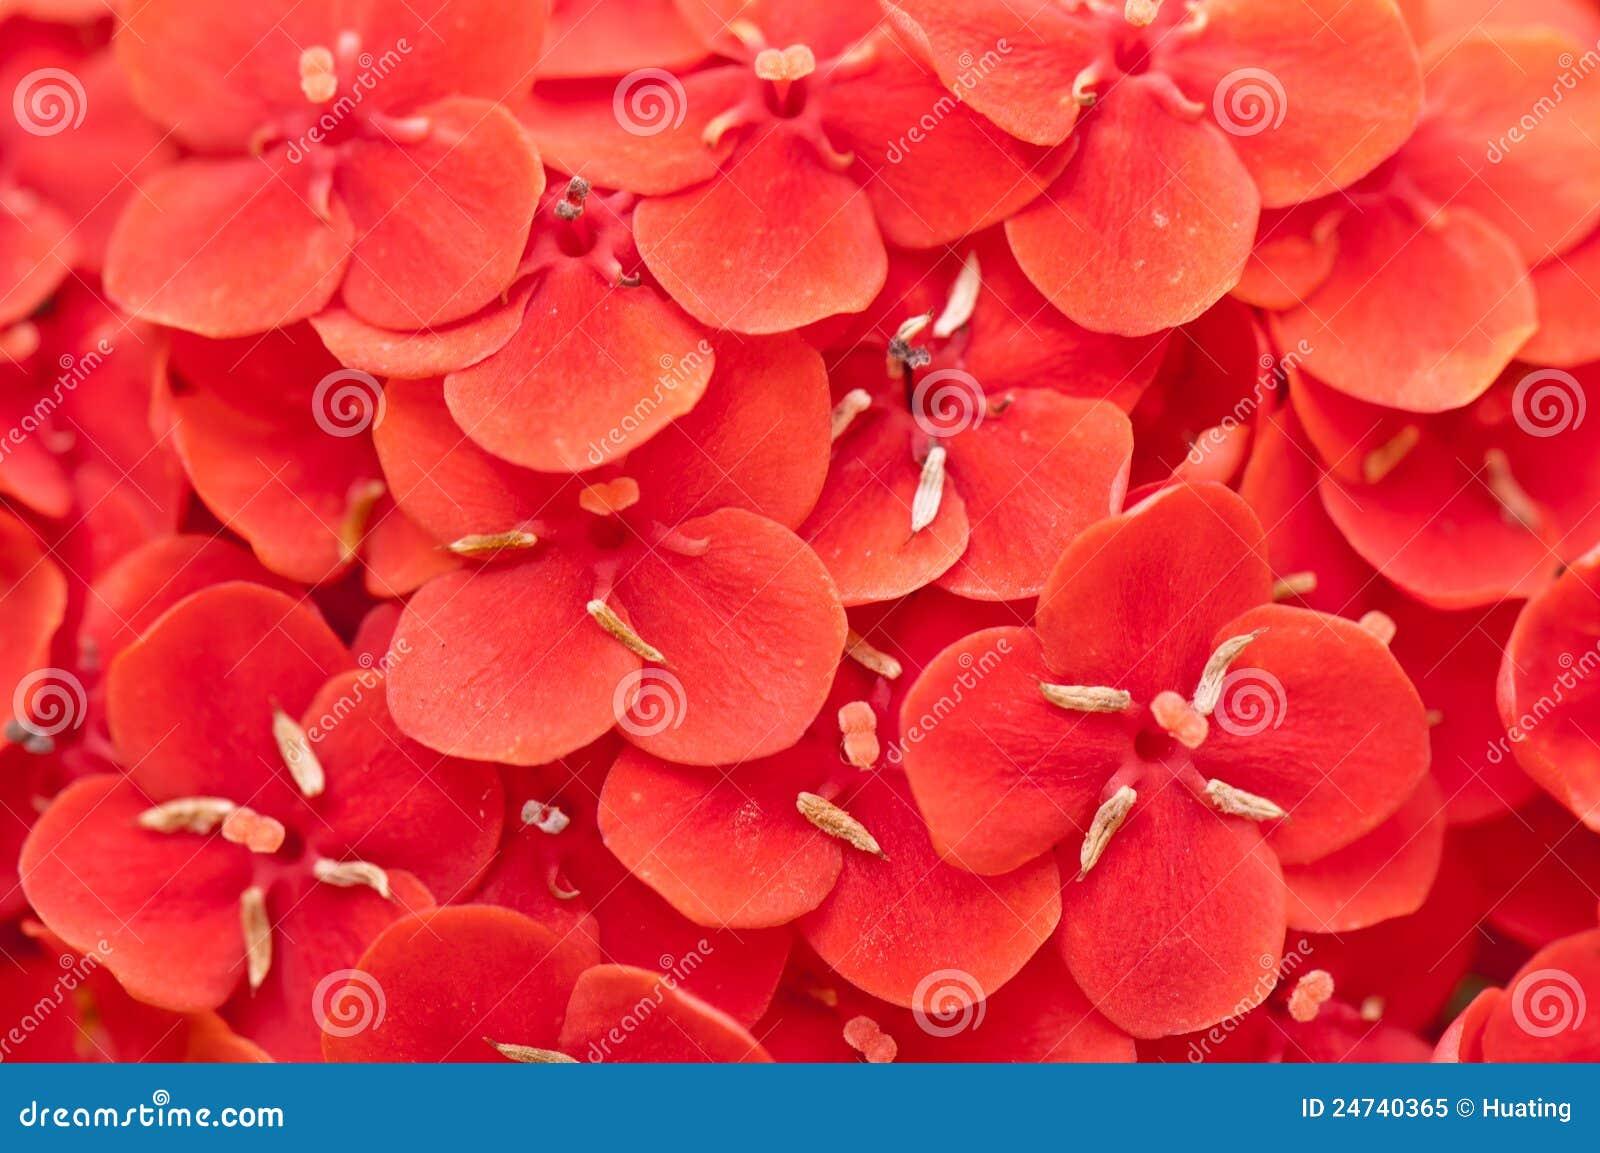 Flower Petal Texture